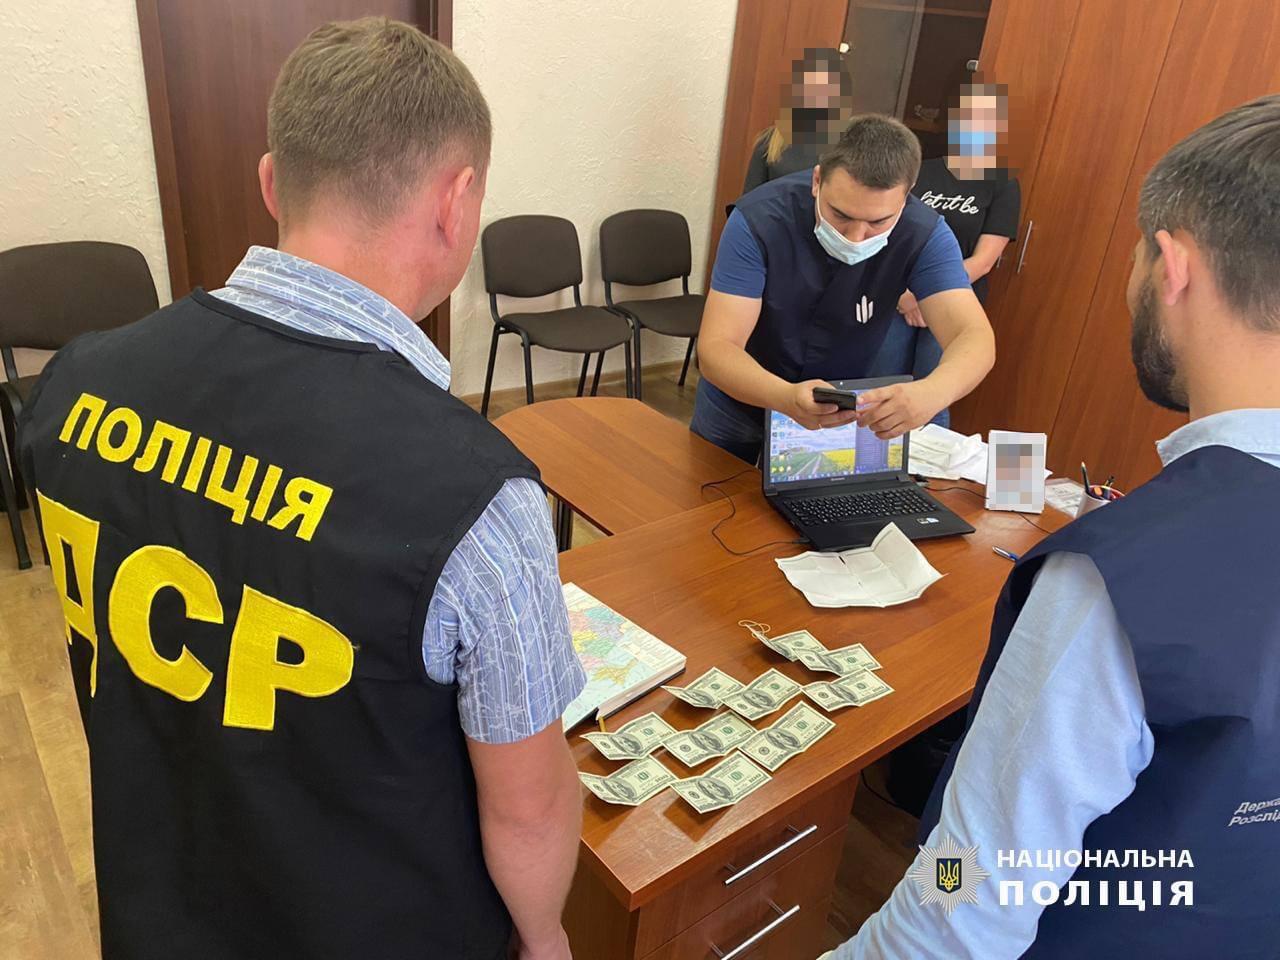 Керівників одразу сімох лісгоспів Прикарпаття затримали за спробу підкупу поліції (ФОТО)